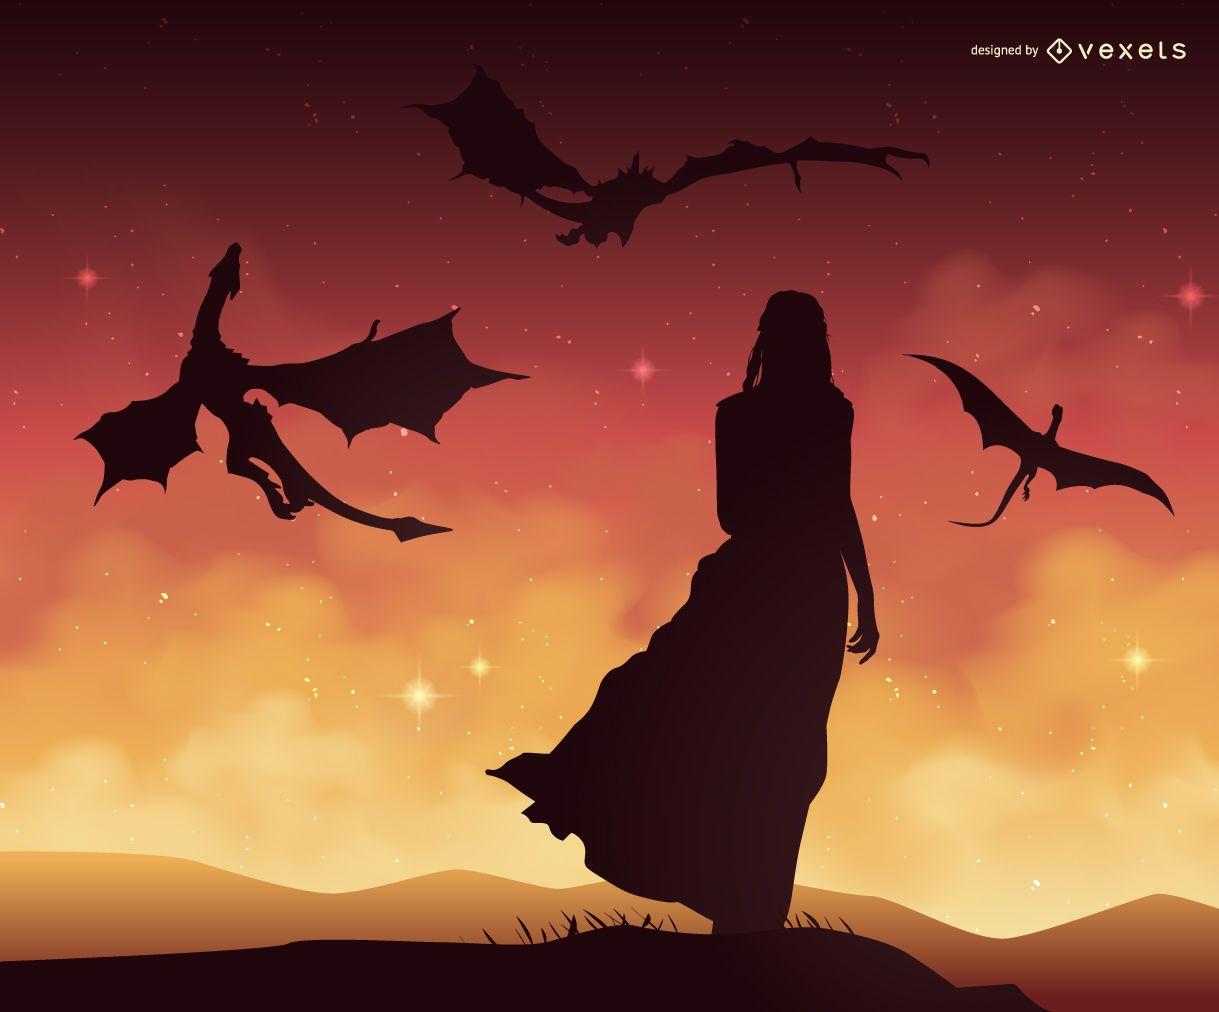 Ilustración de Juego de Tronos Daenerys Targaryen con dragones